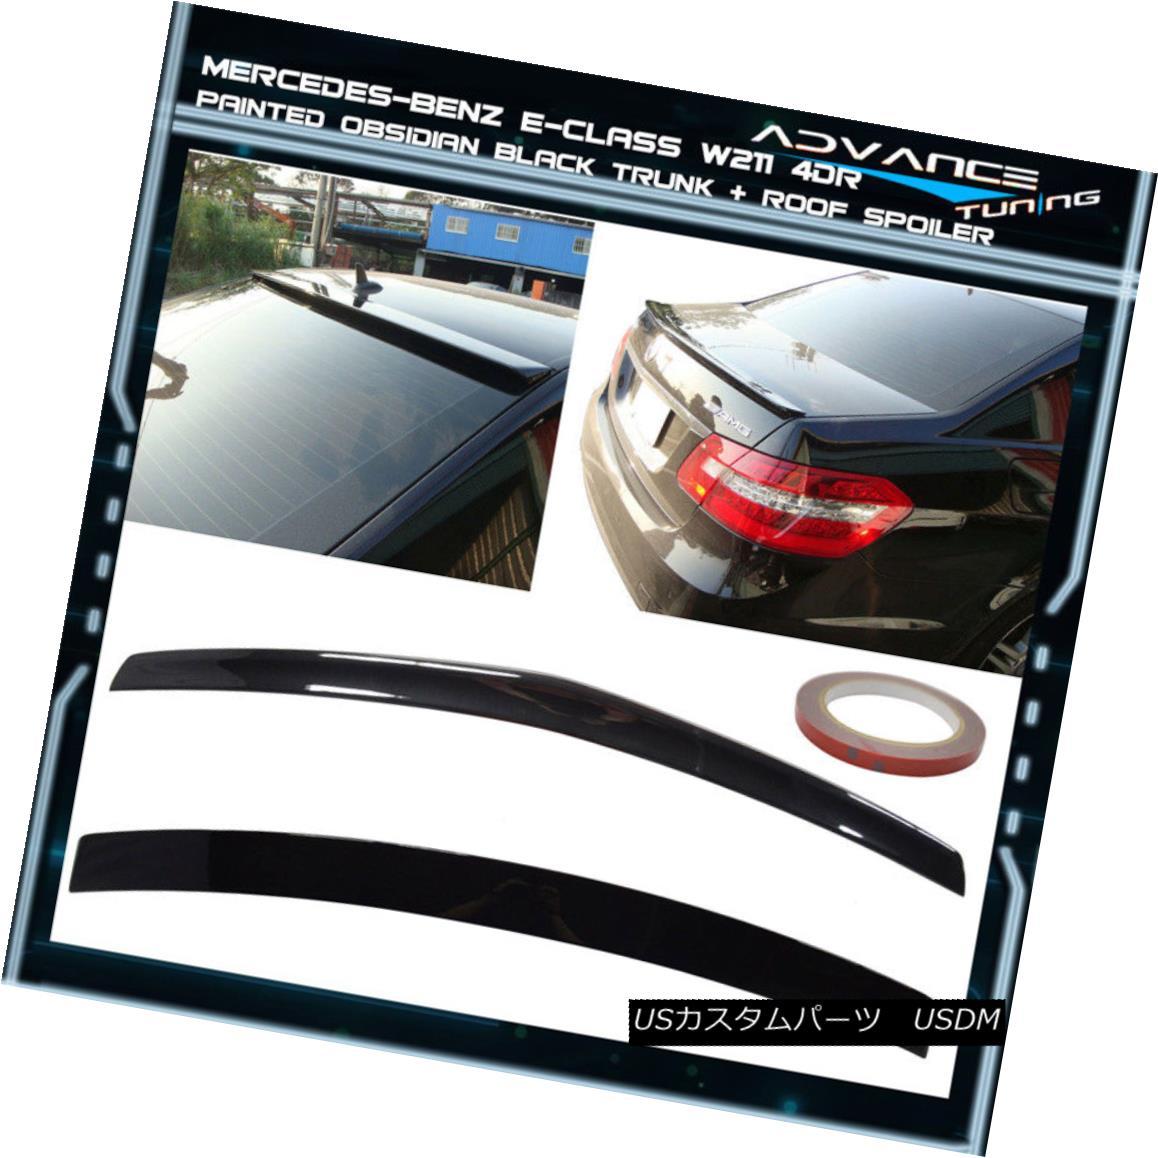 エアロパーツ 10-16 BENZ W212 4Dr Trunk + Roof Spoiler OEM Painted Color # 197 Obsidian Black 10-16ベンツW212 4Drトランク+ルーフスポイラーOEM塗装カラー#197黒曜石